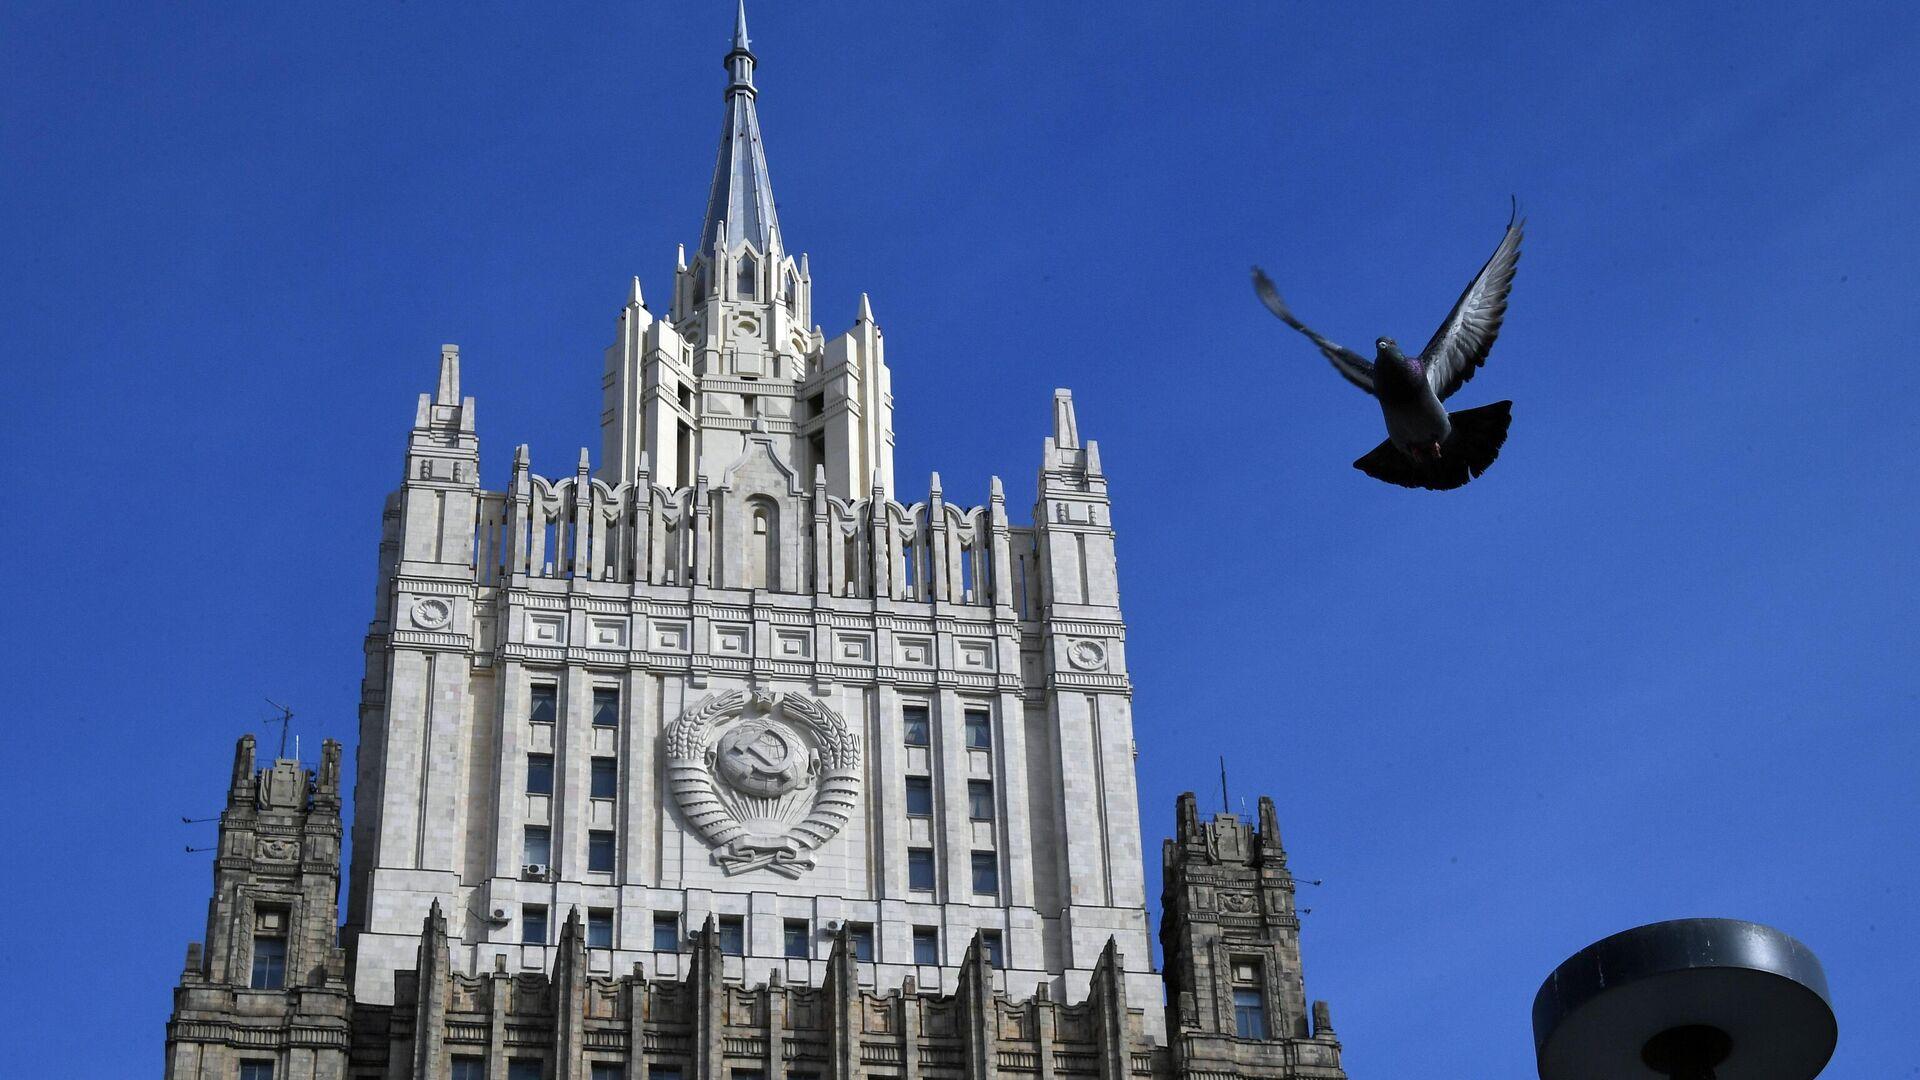 Здание Министерства иностранных дел РФ - РИА Новости, 1920, 08.10.2020